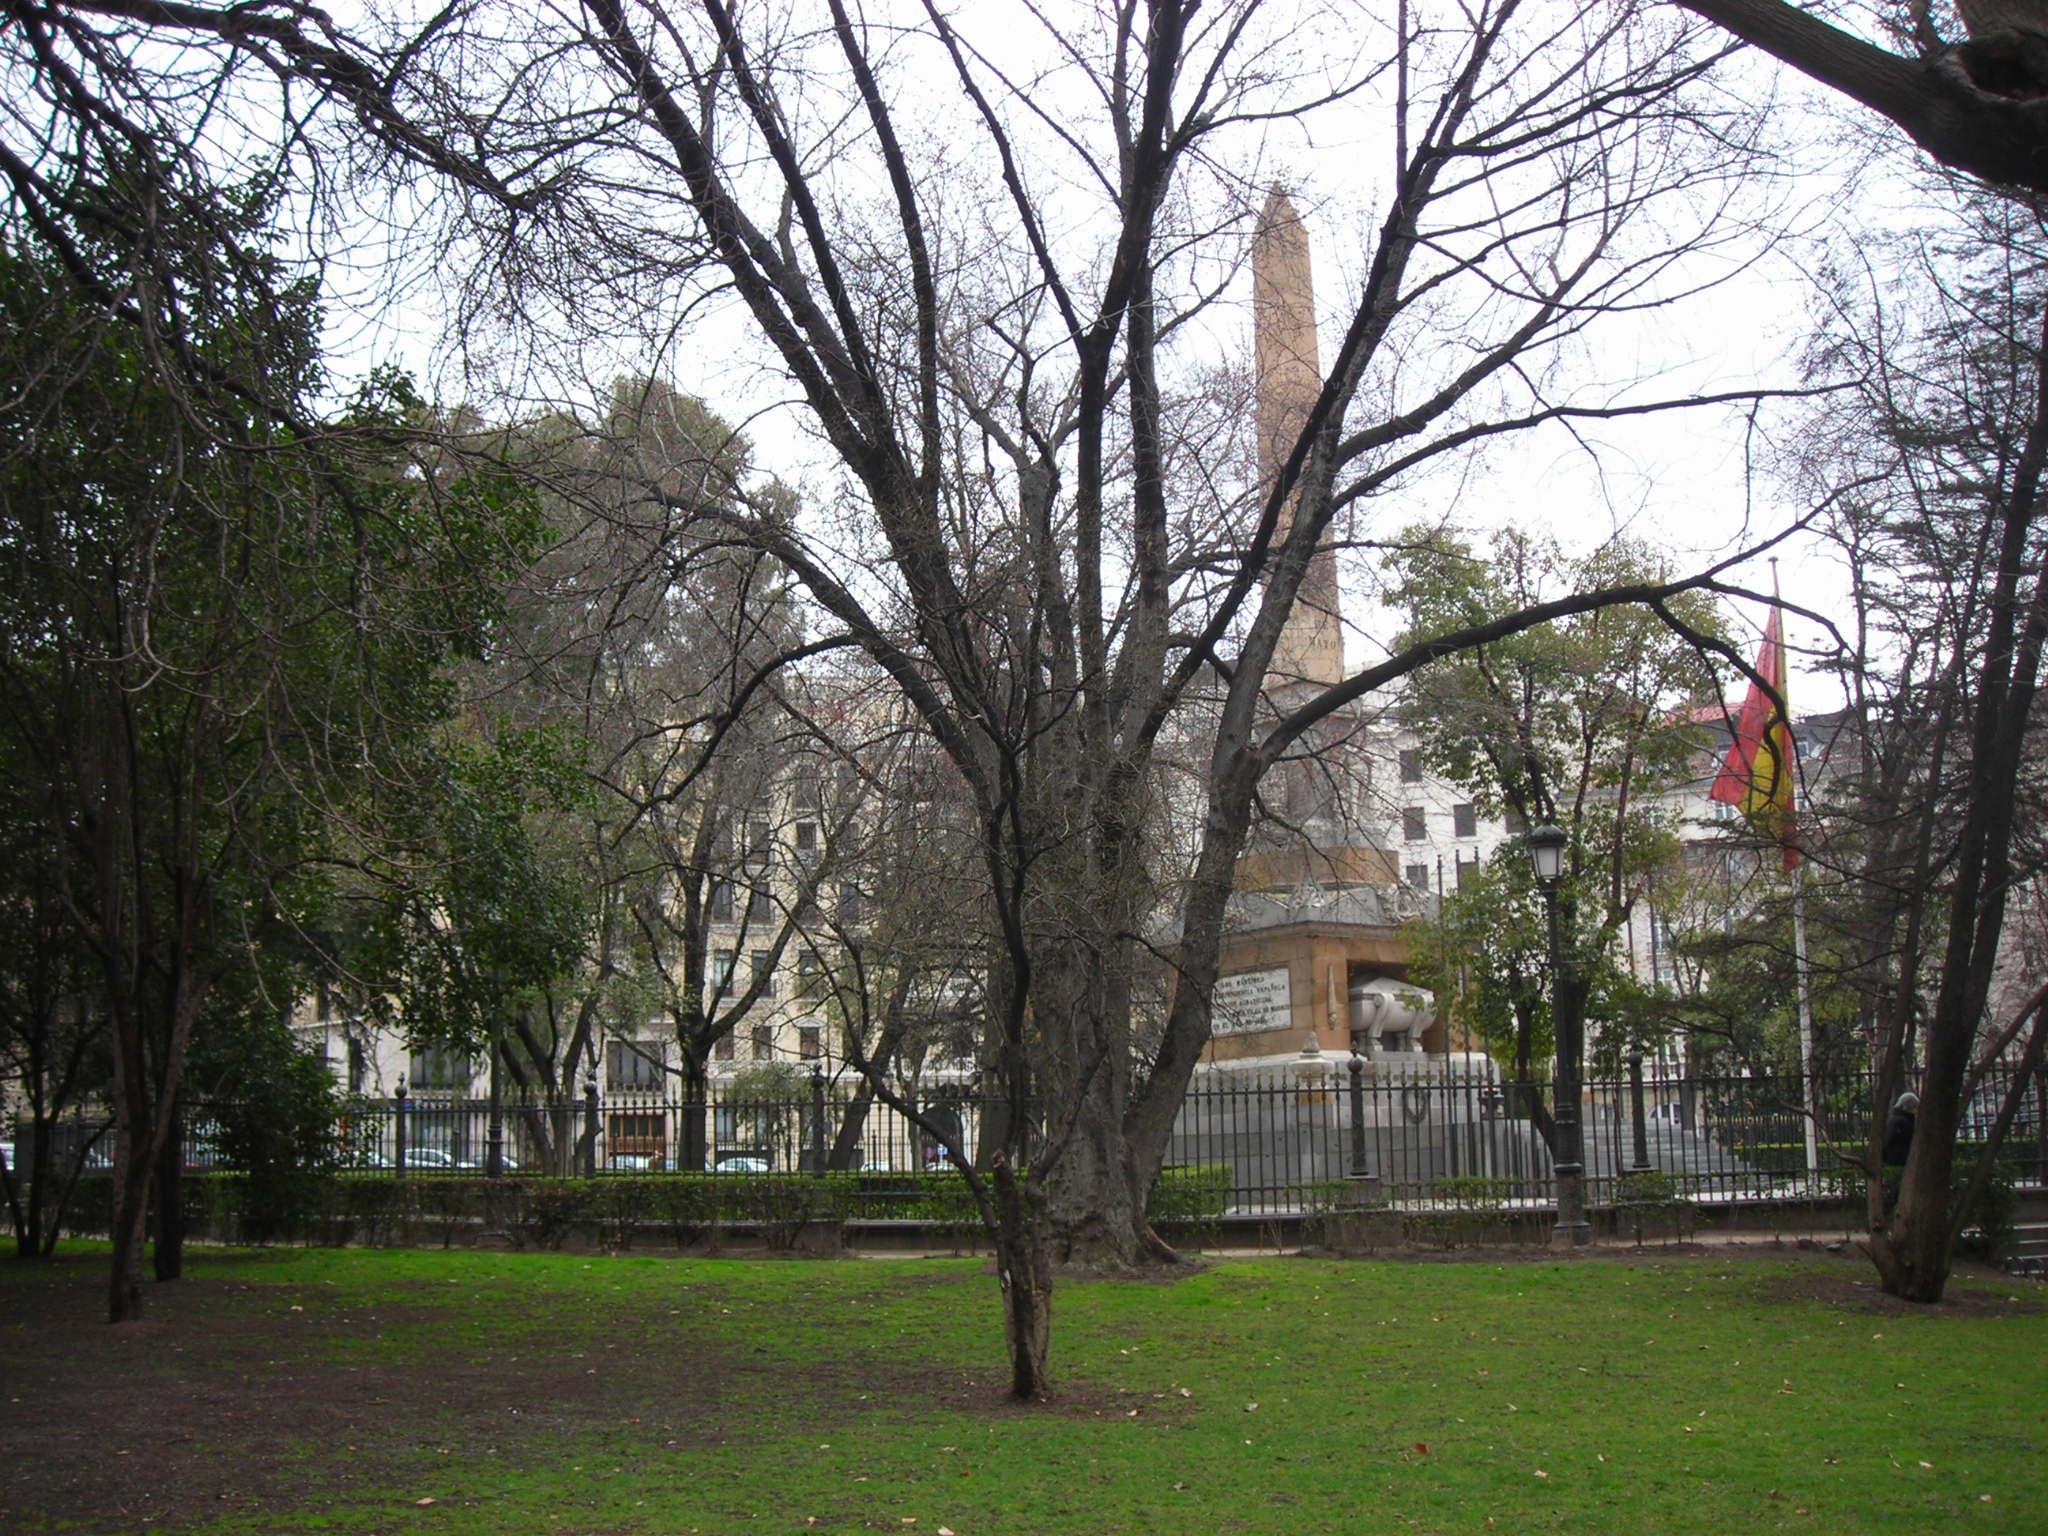 Arce sacarino plaza de la lealtad arbolesdemadrid - Arce arbol espana ...